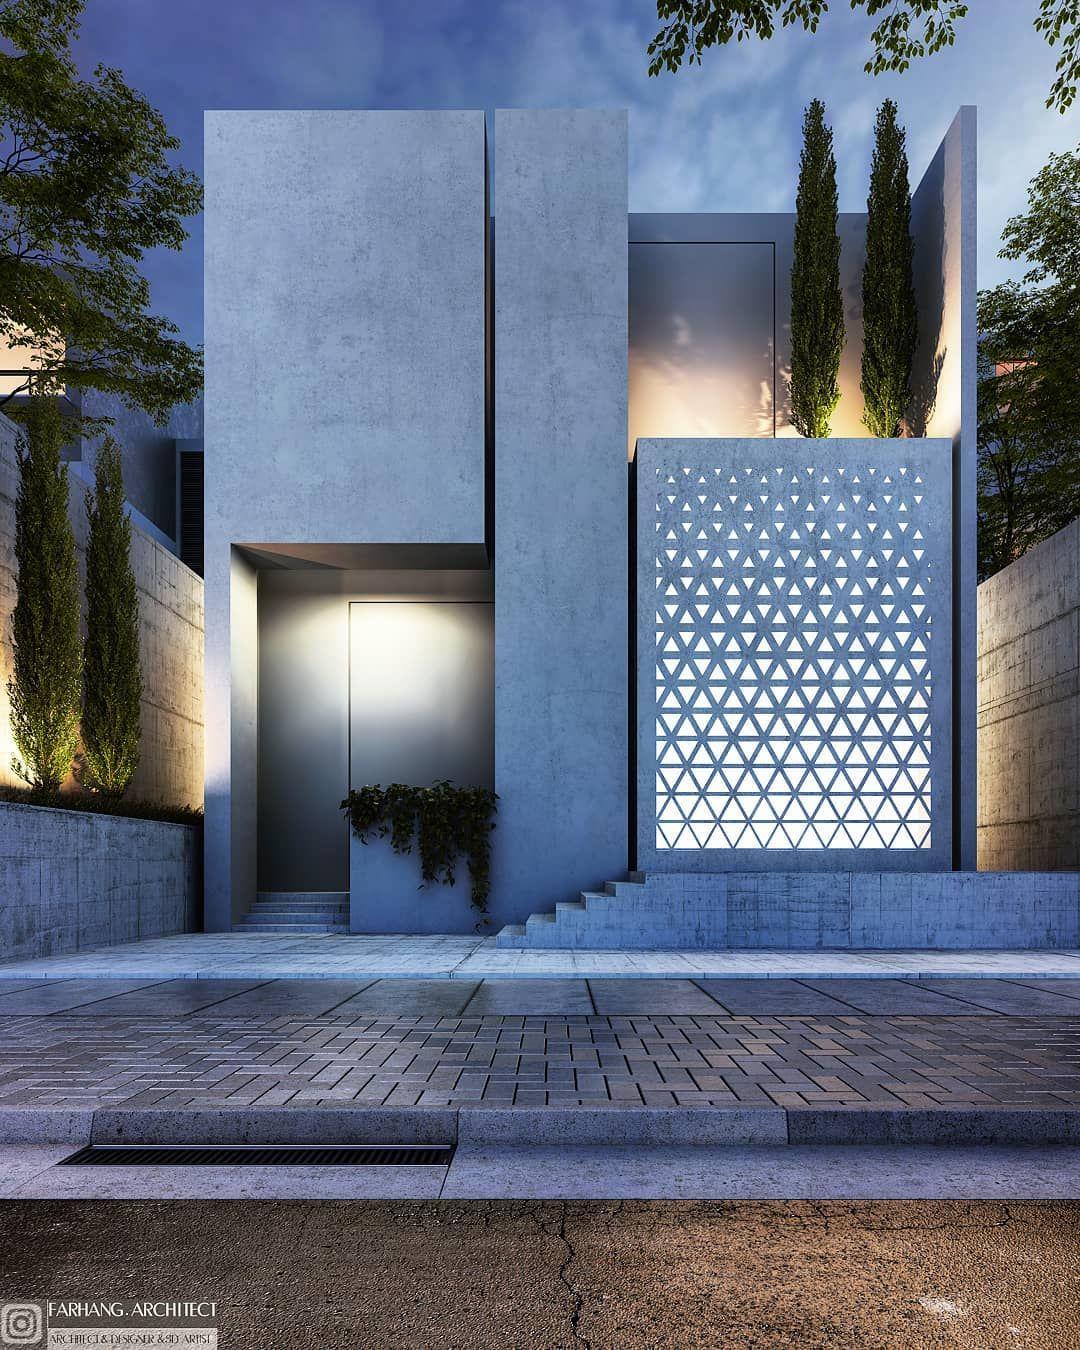 Architect Farhang Architect Villa Facade Archdaily Archdesign Design Exteriordesign Facade House Concrete Architecture House Design